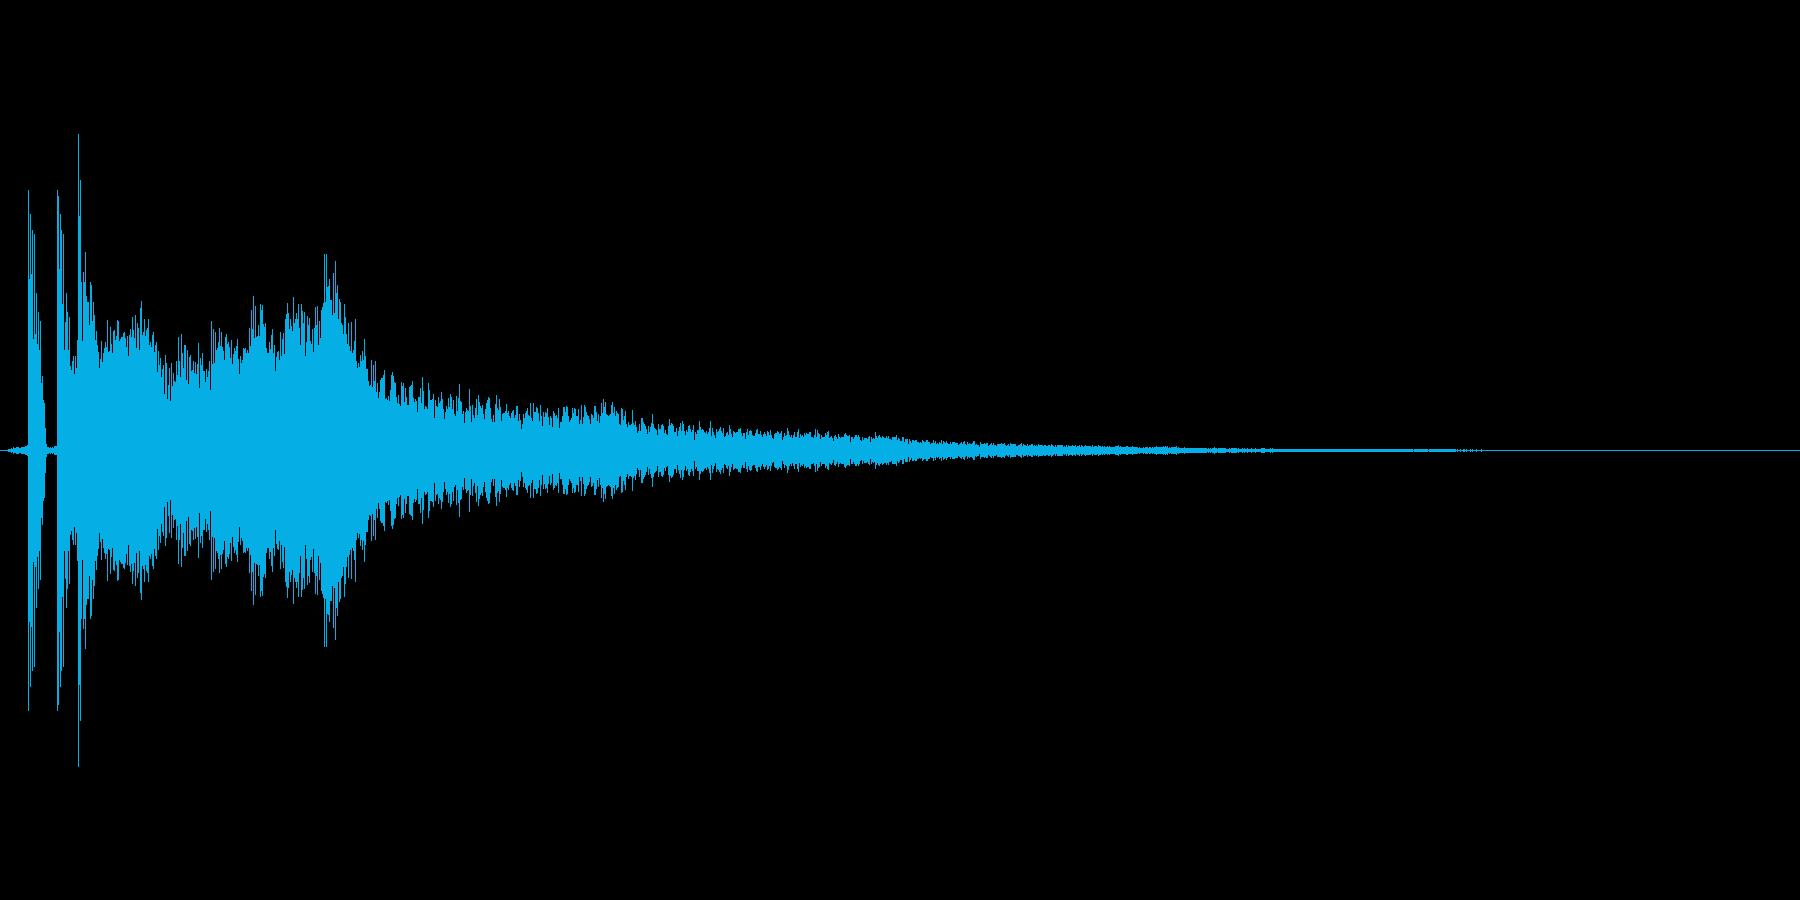 「ポンッキラーン」の再生済みの波形